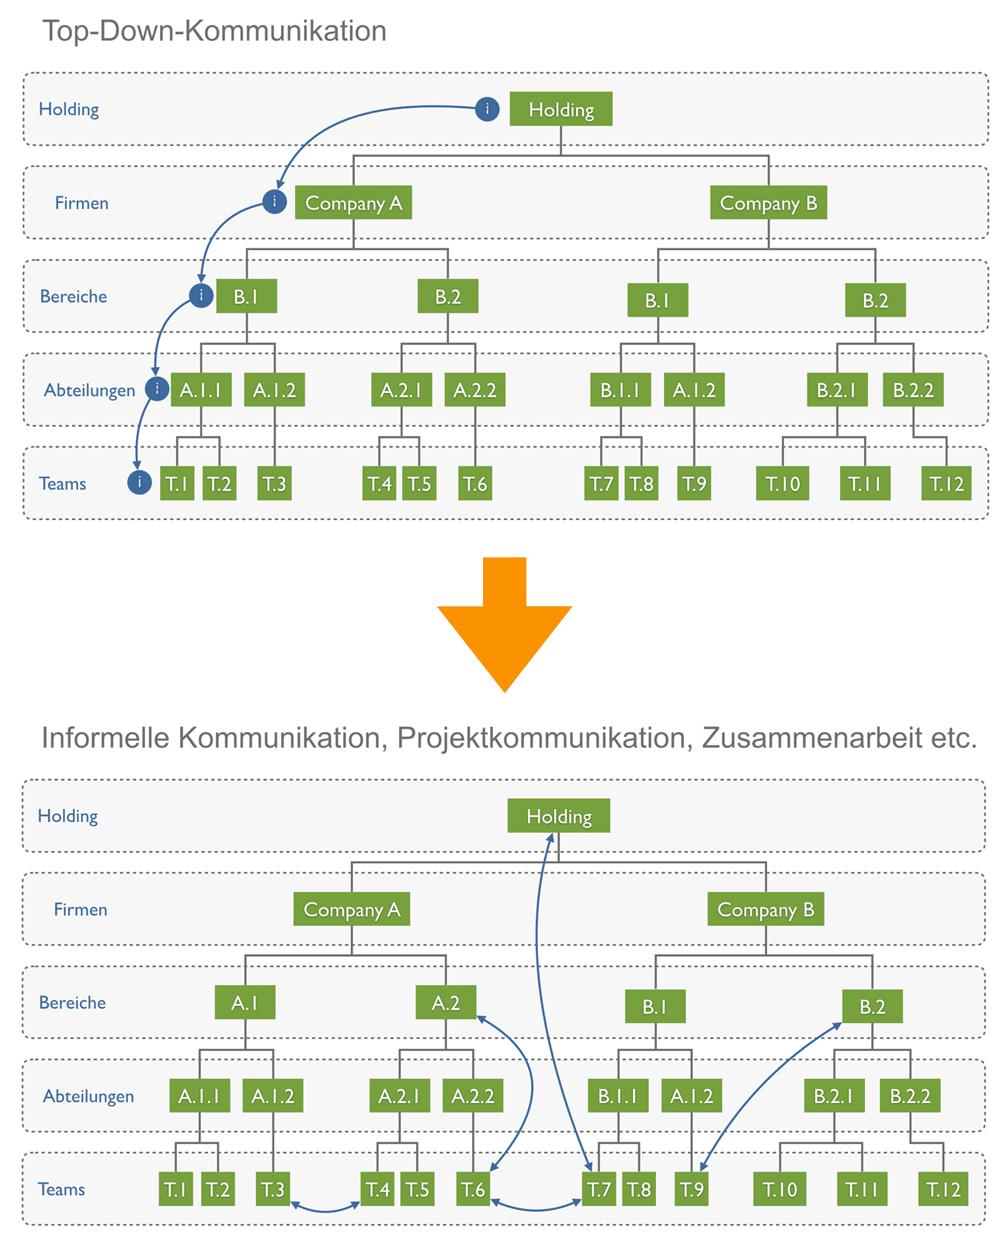 Wechsel der Kommunikation: von Top-Down-Kommunikation zur Miteinander-Kommunikation